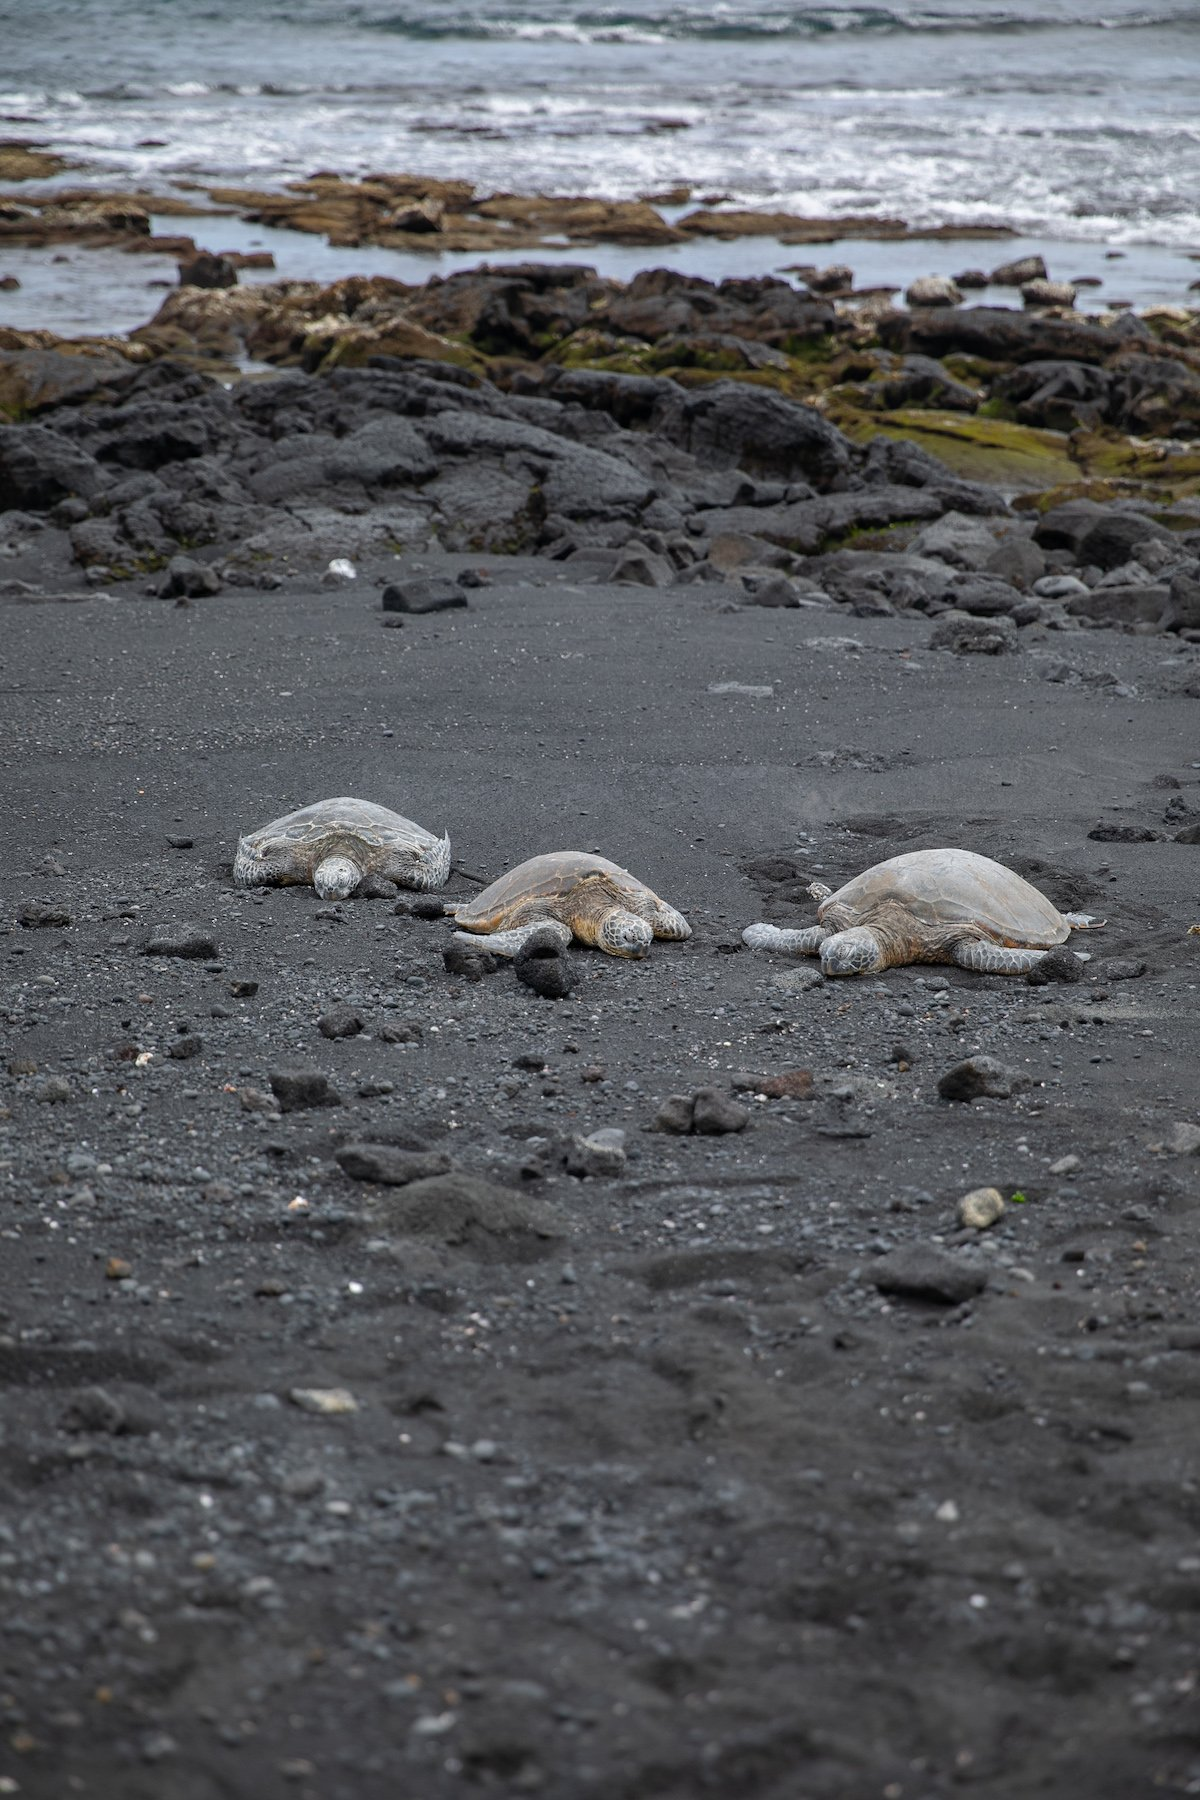 three sea turtles on black sand beach